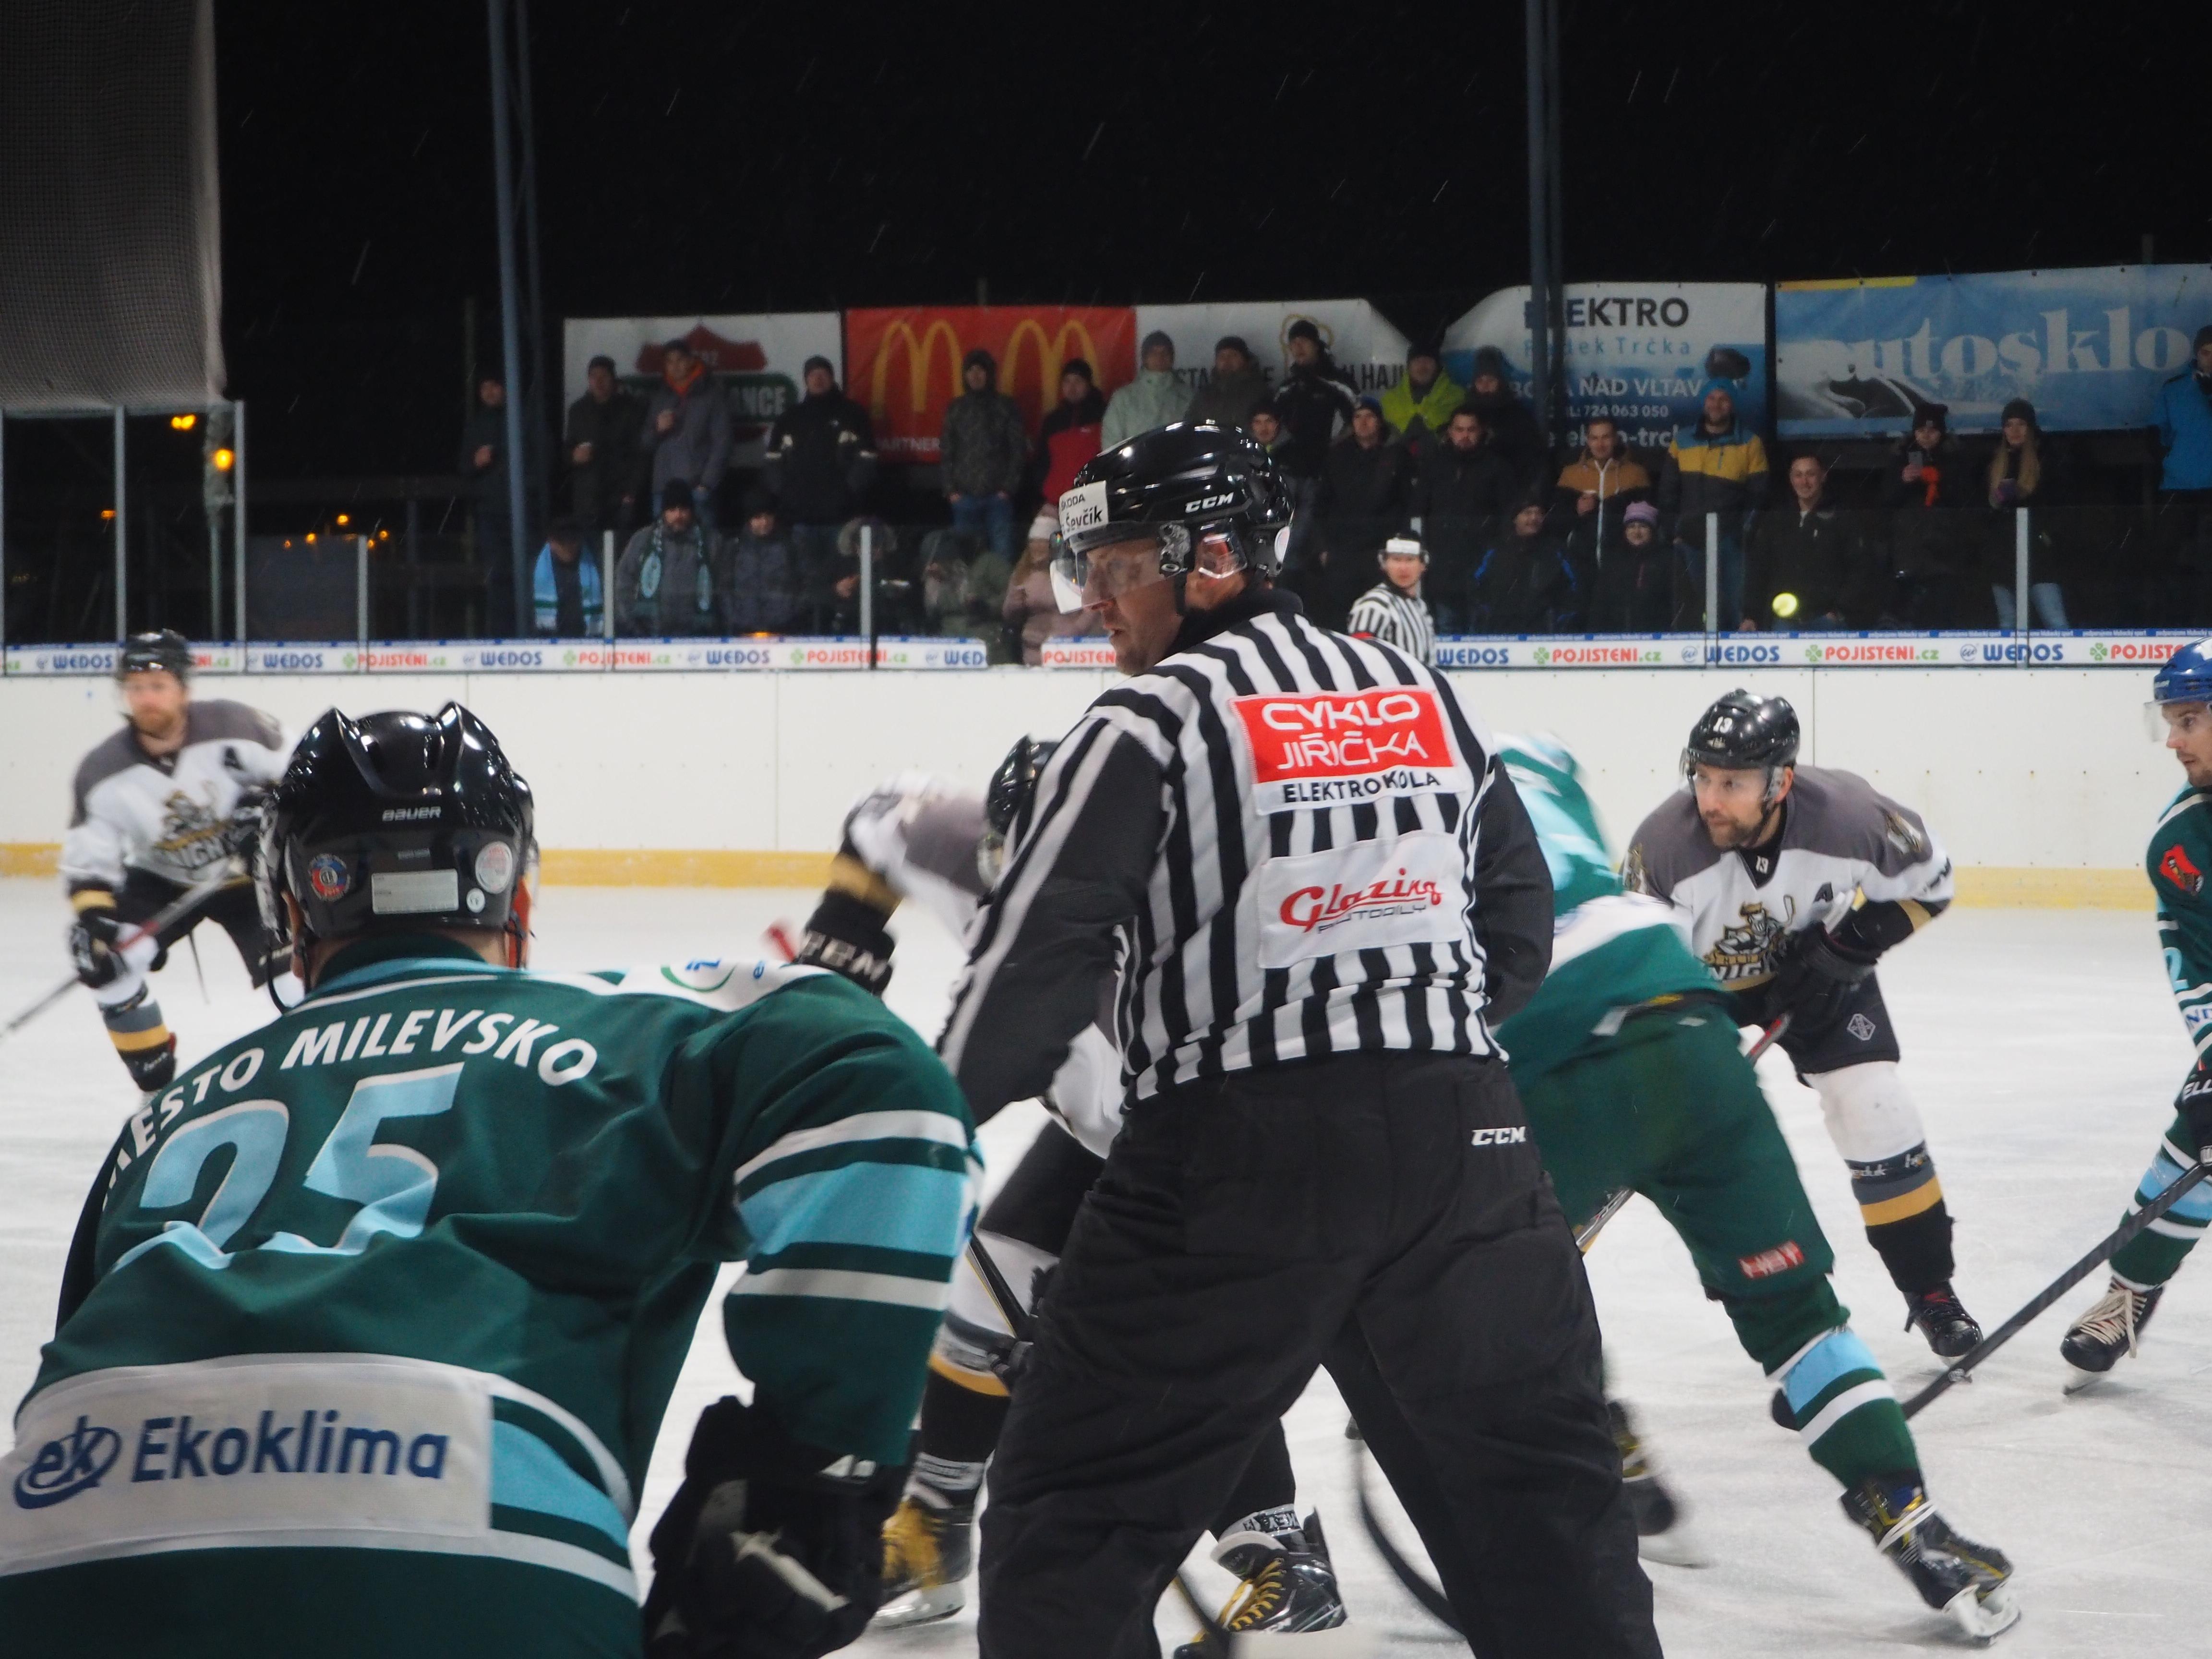 HC Knights vs. HC Milevsko 2010 16. 12. 2018